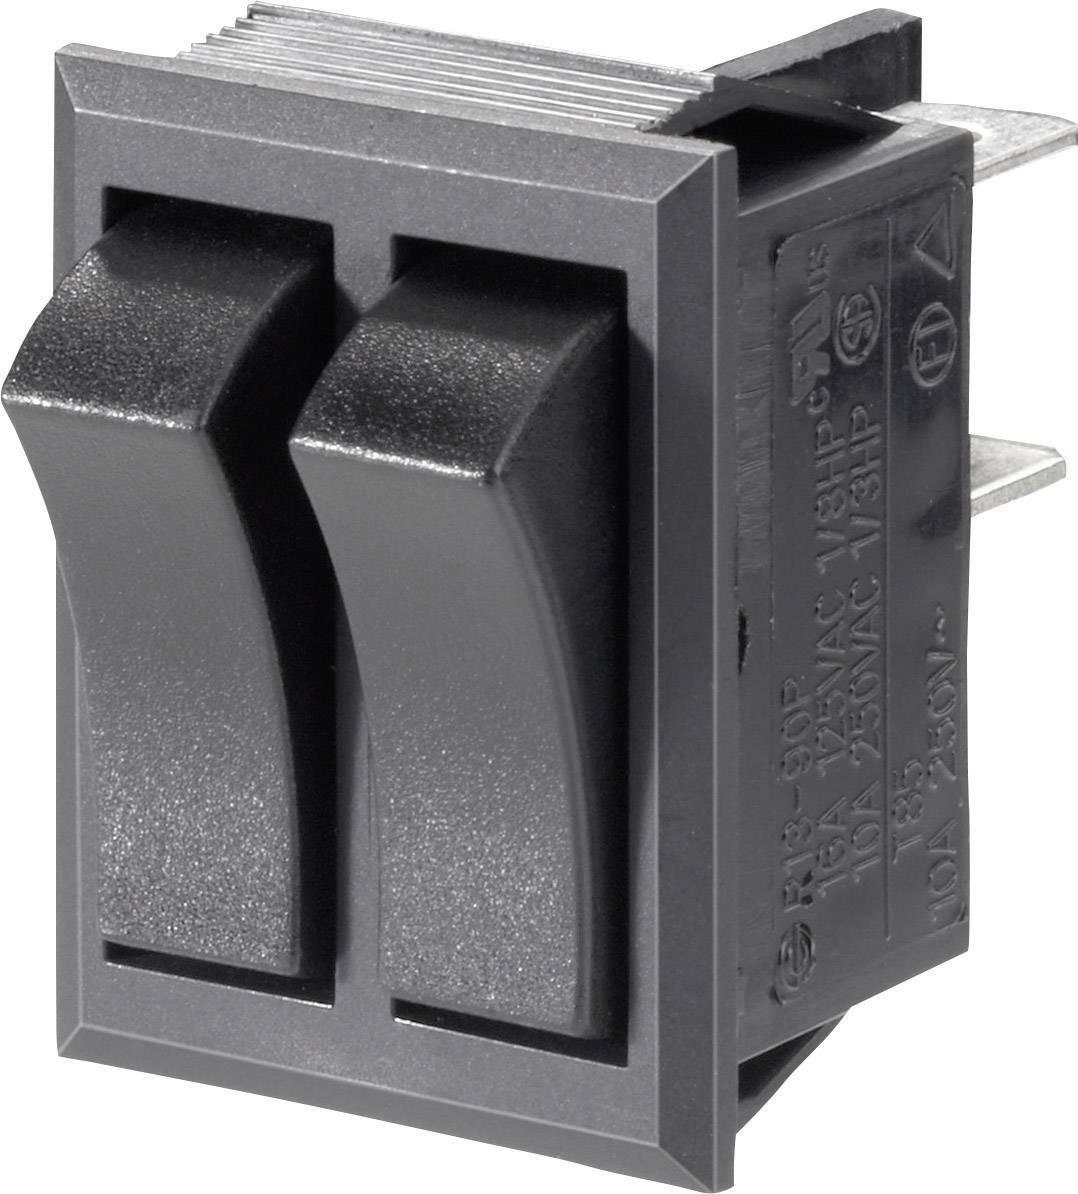 Kolébkový spínač s aretací TRU COMPONENTS TC-R13-90PAA-01, 250 V/AC, 10 A, 2x vyp/zap, 1 ks